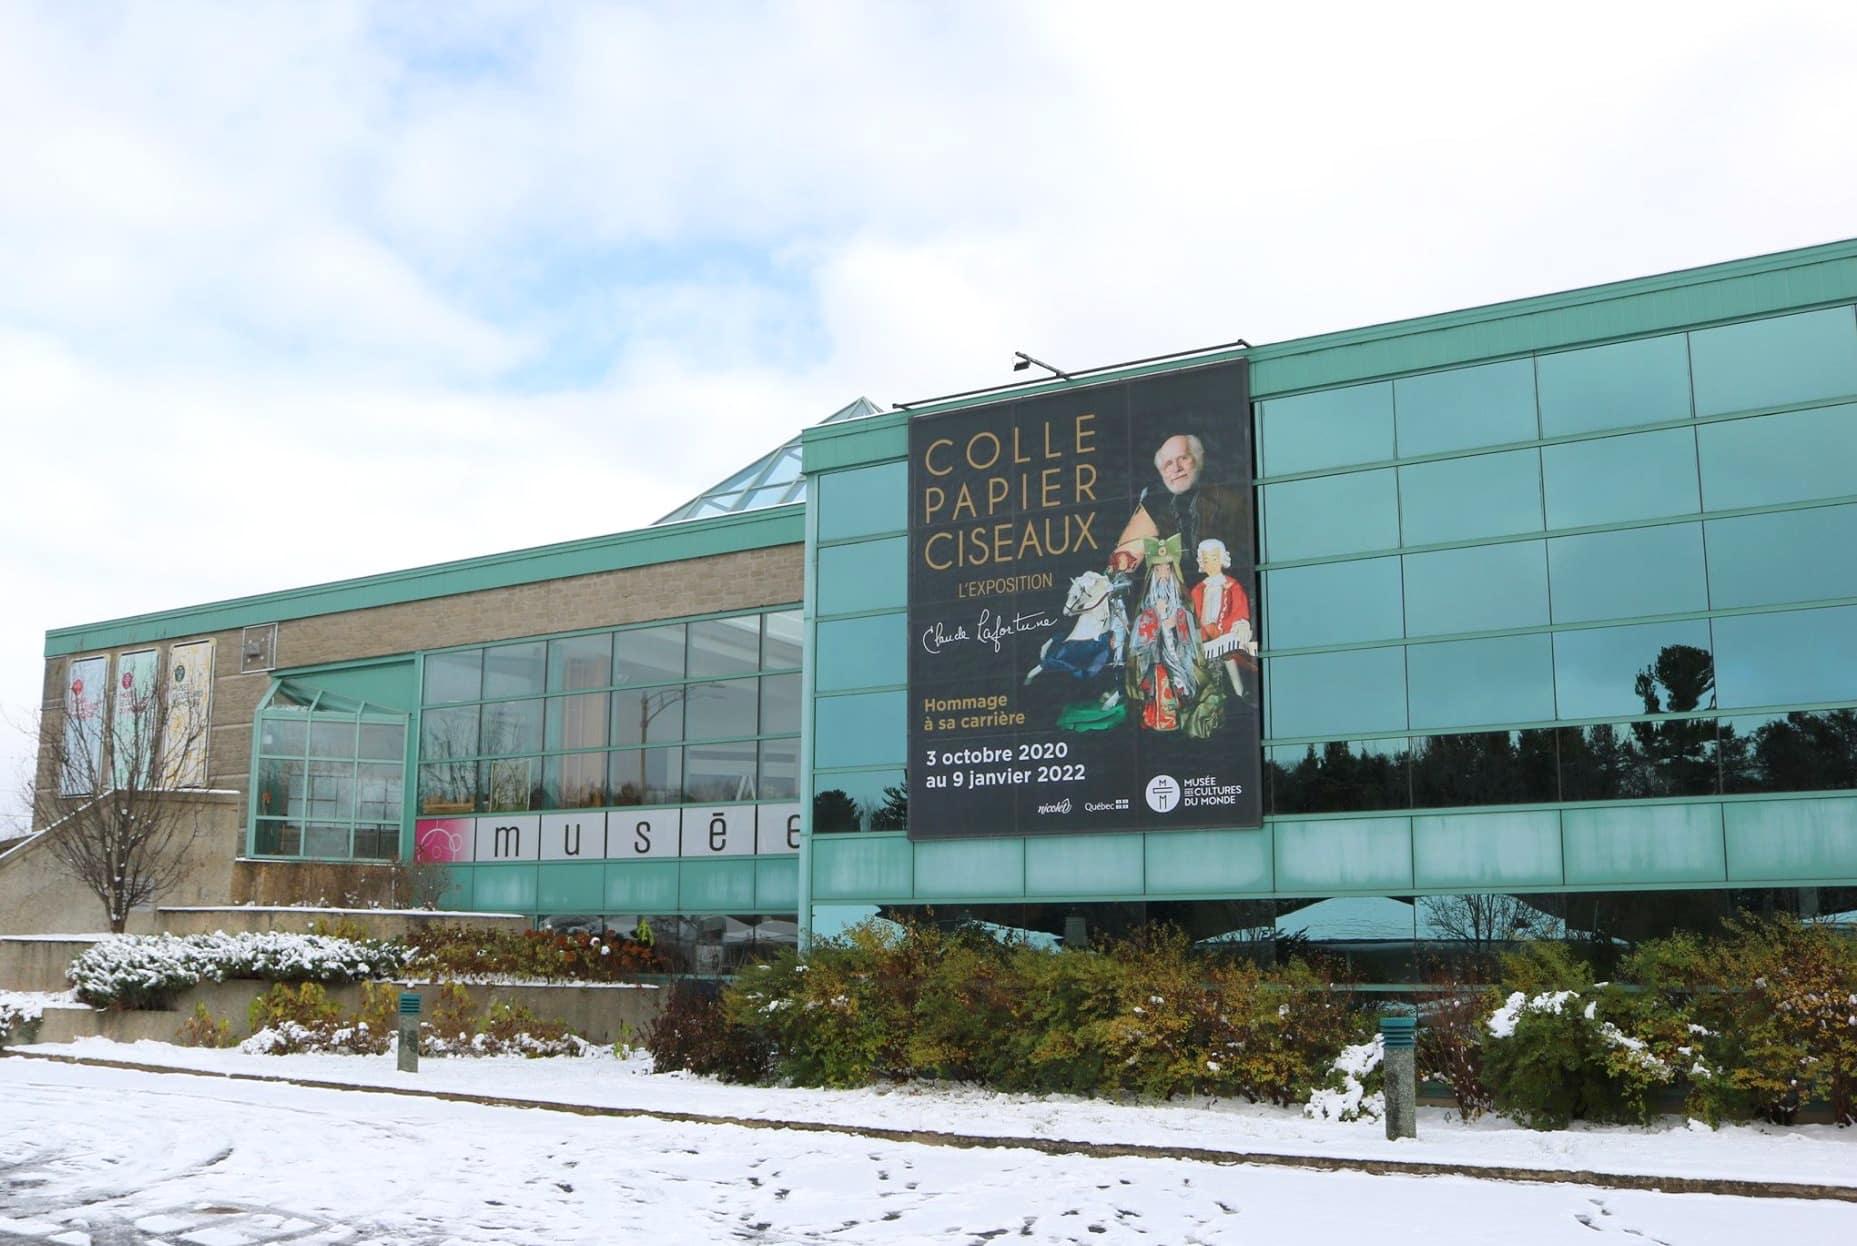 Le Musée rouvre ses portes au public